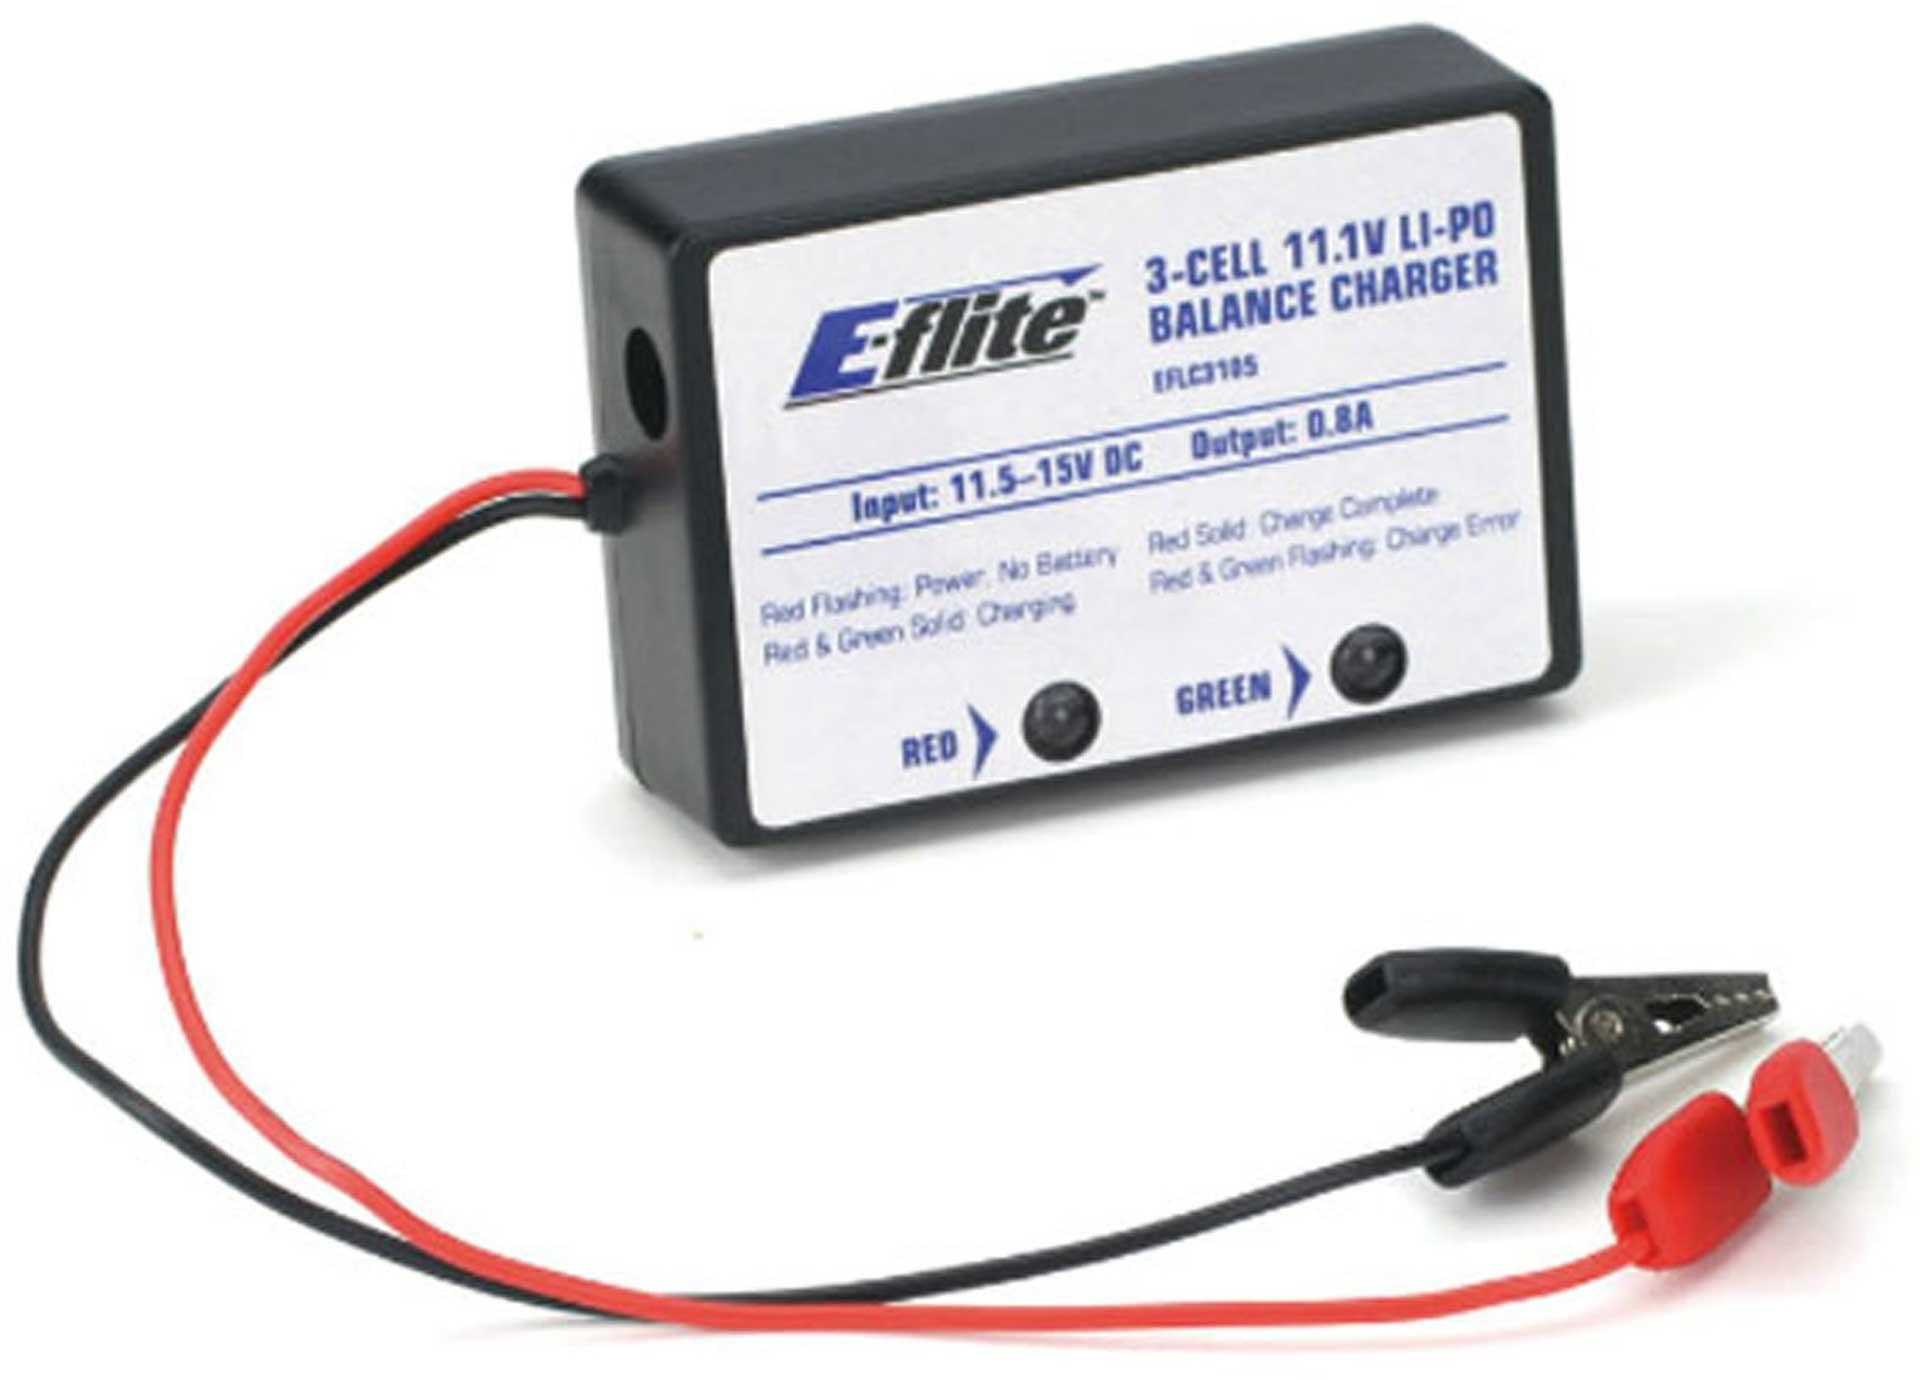 E-flite 0,8A 3S LiPo-Ladegerät